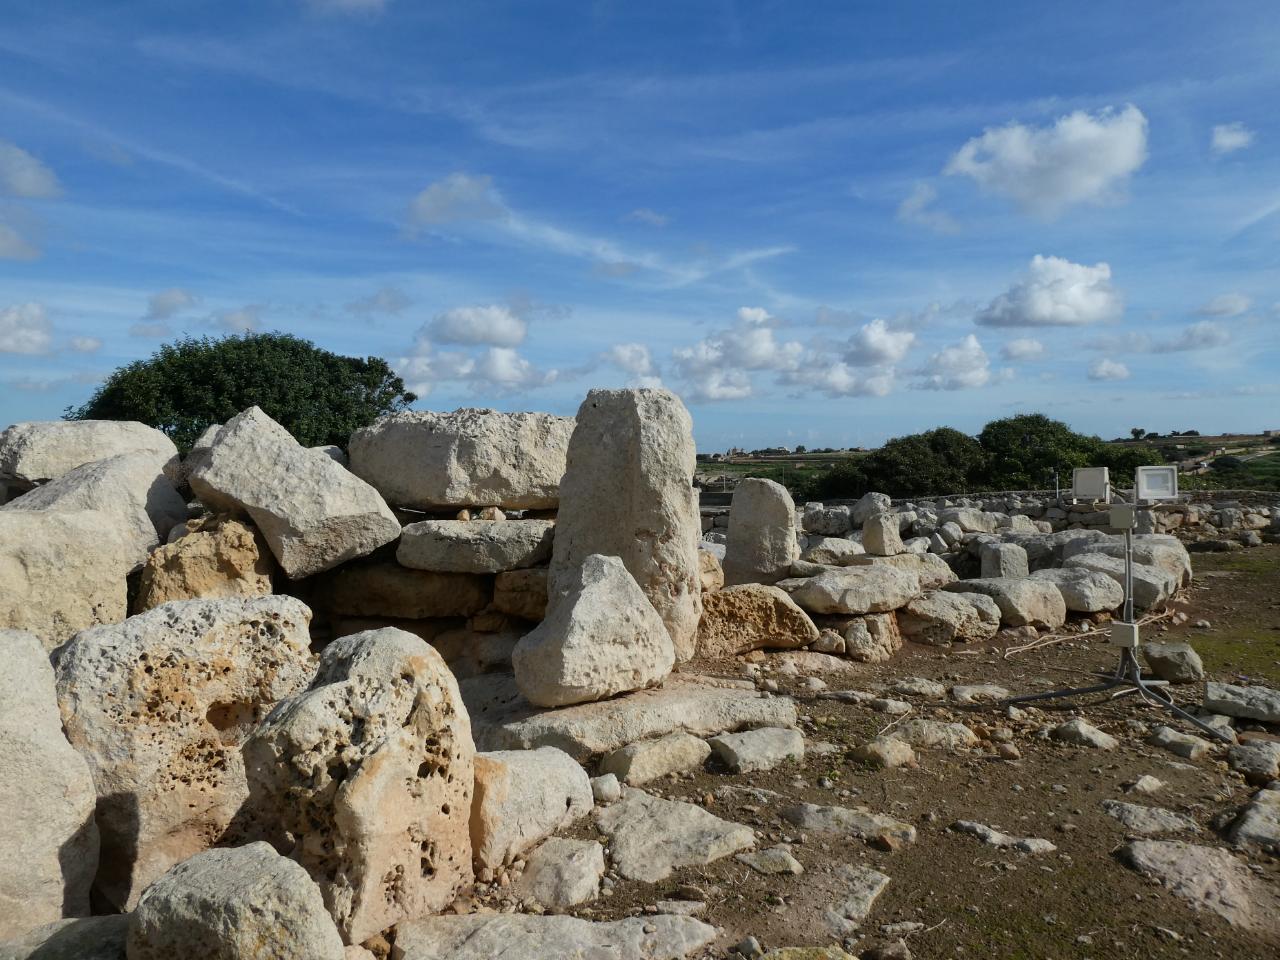 Photo 1: Malte, une île enchanteresse...et préhistorique...